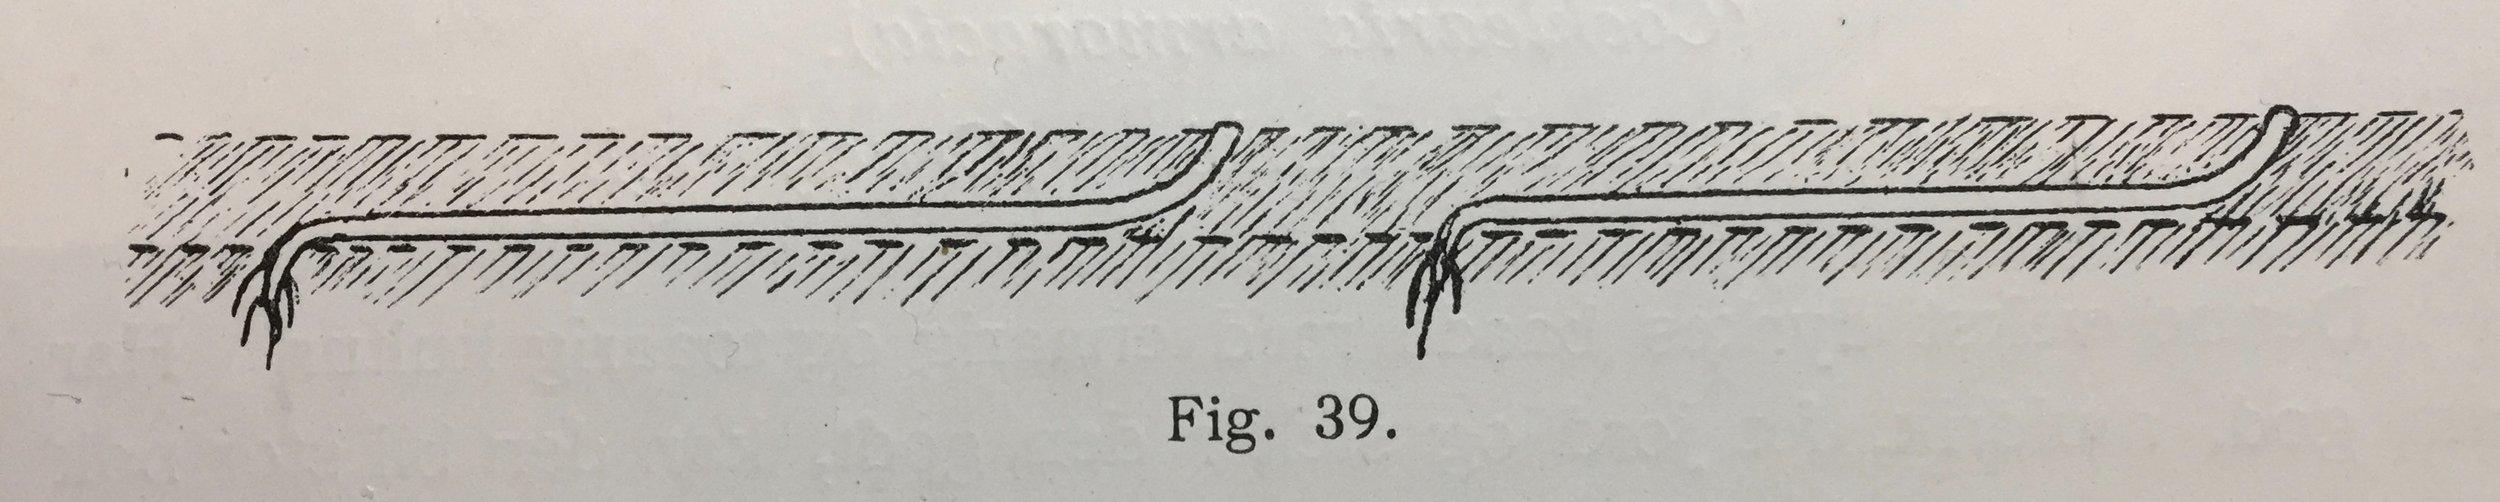 Et tilsynelatende kjedelig bilde i en lærebok fra 1909 gir oppskriften og forklaringen på lange jevne, tykke og fine pepperrøtter.